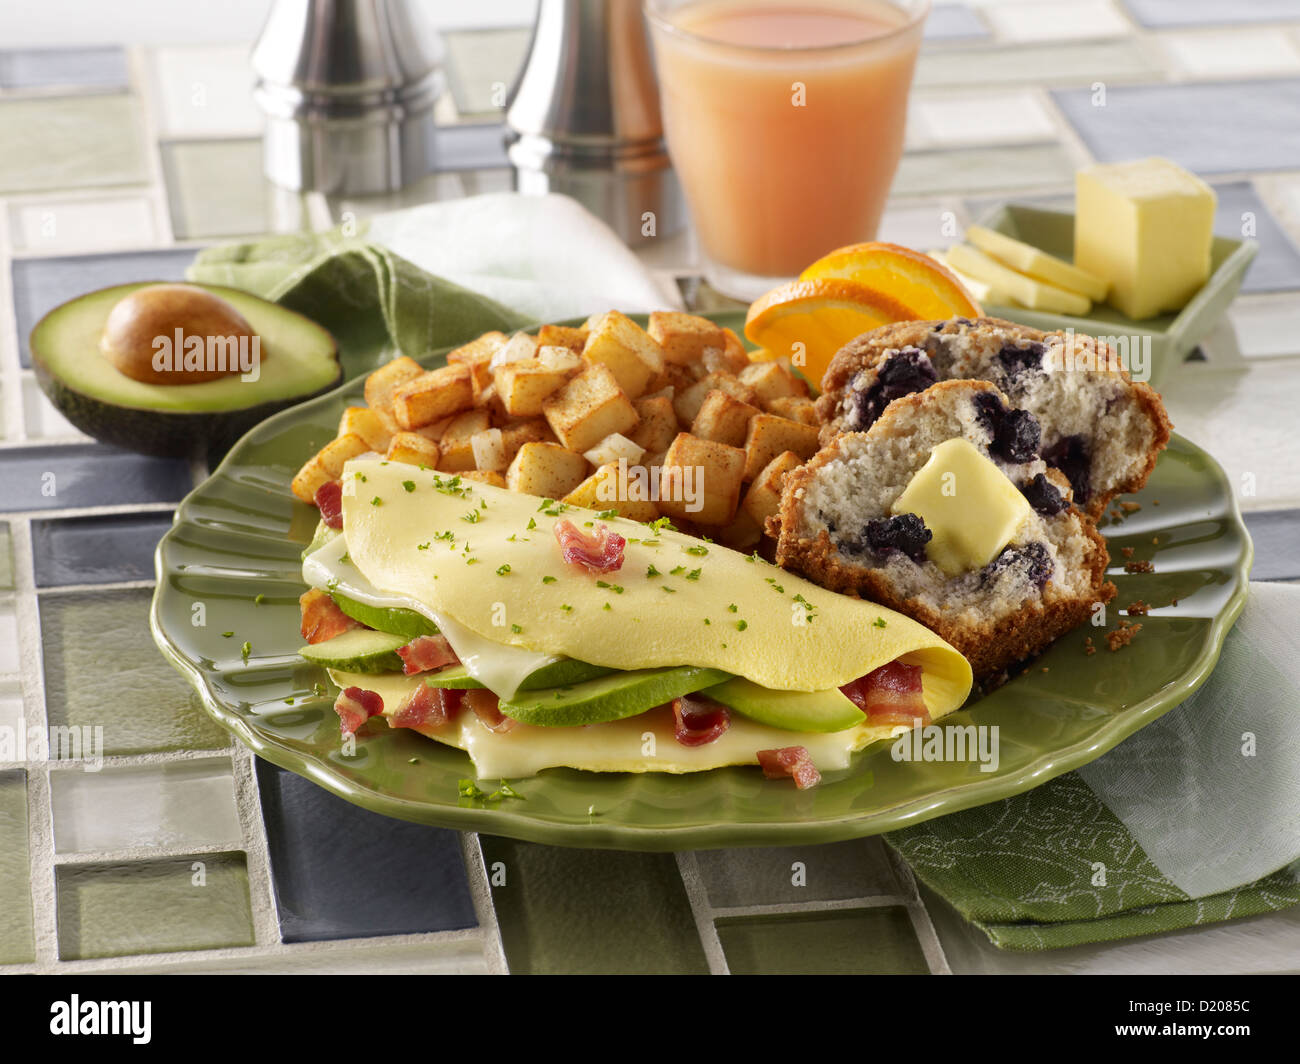 California Omelet - Stock Image